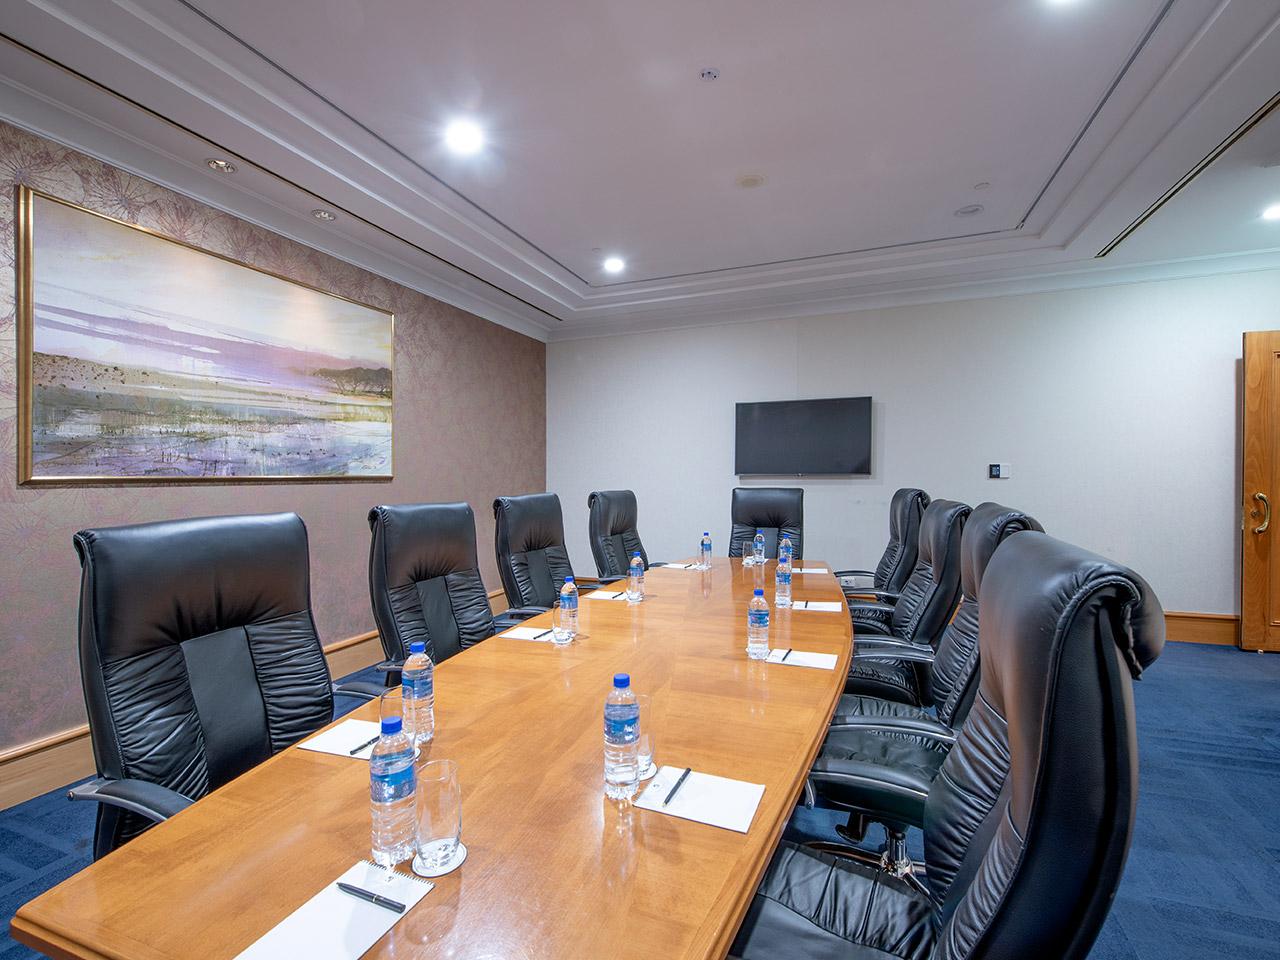 Hotel boardroom hire